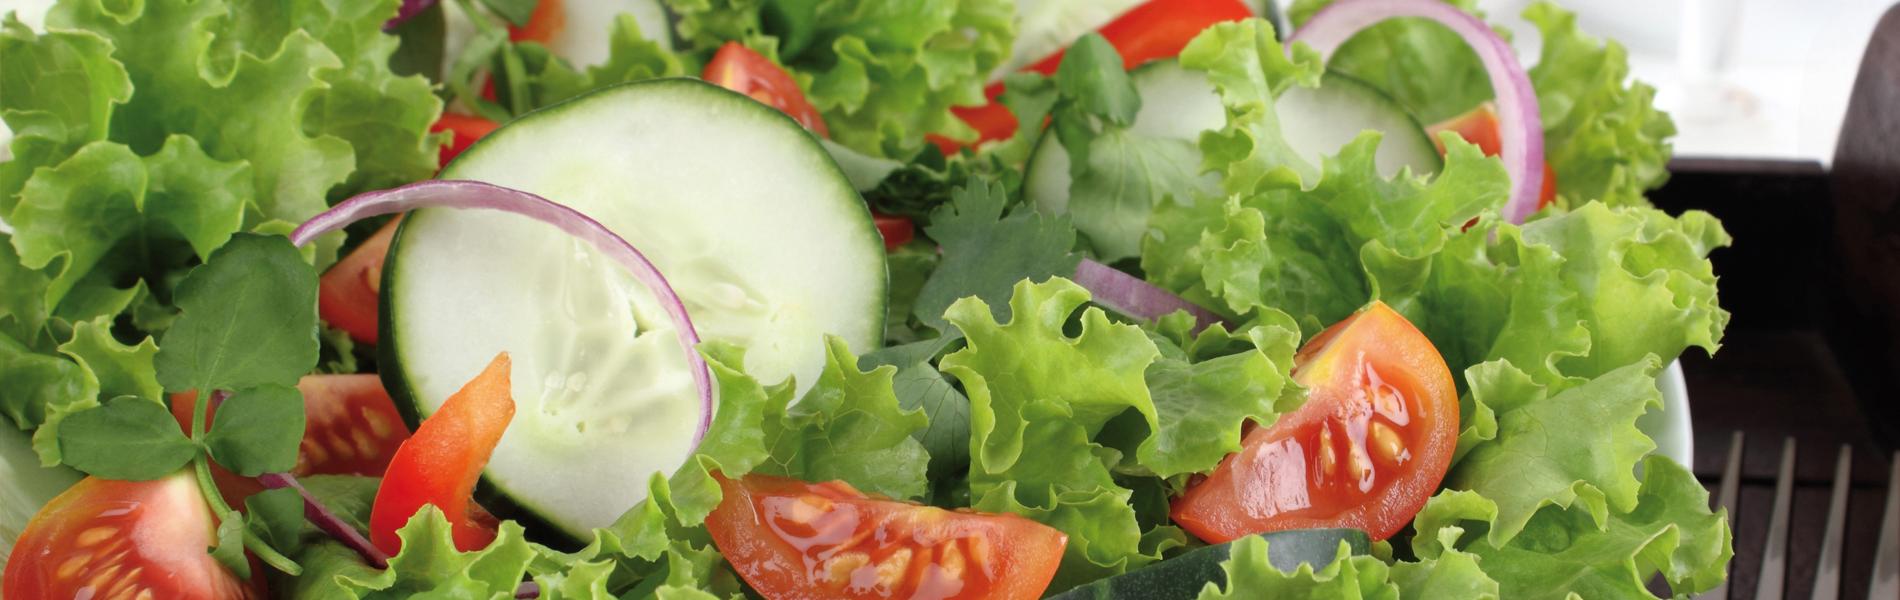 salads-page-bg-2